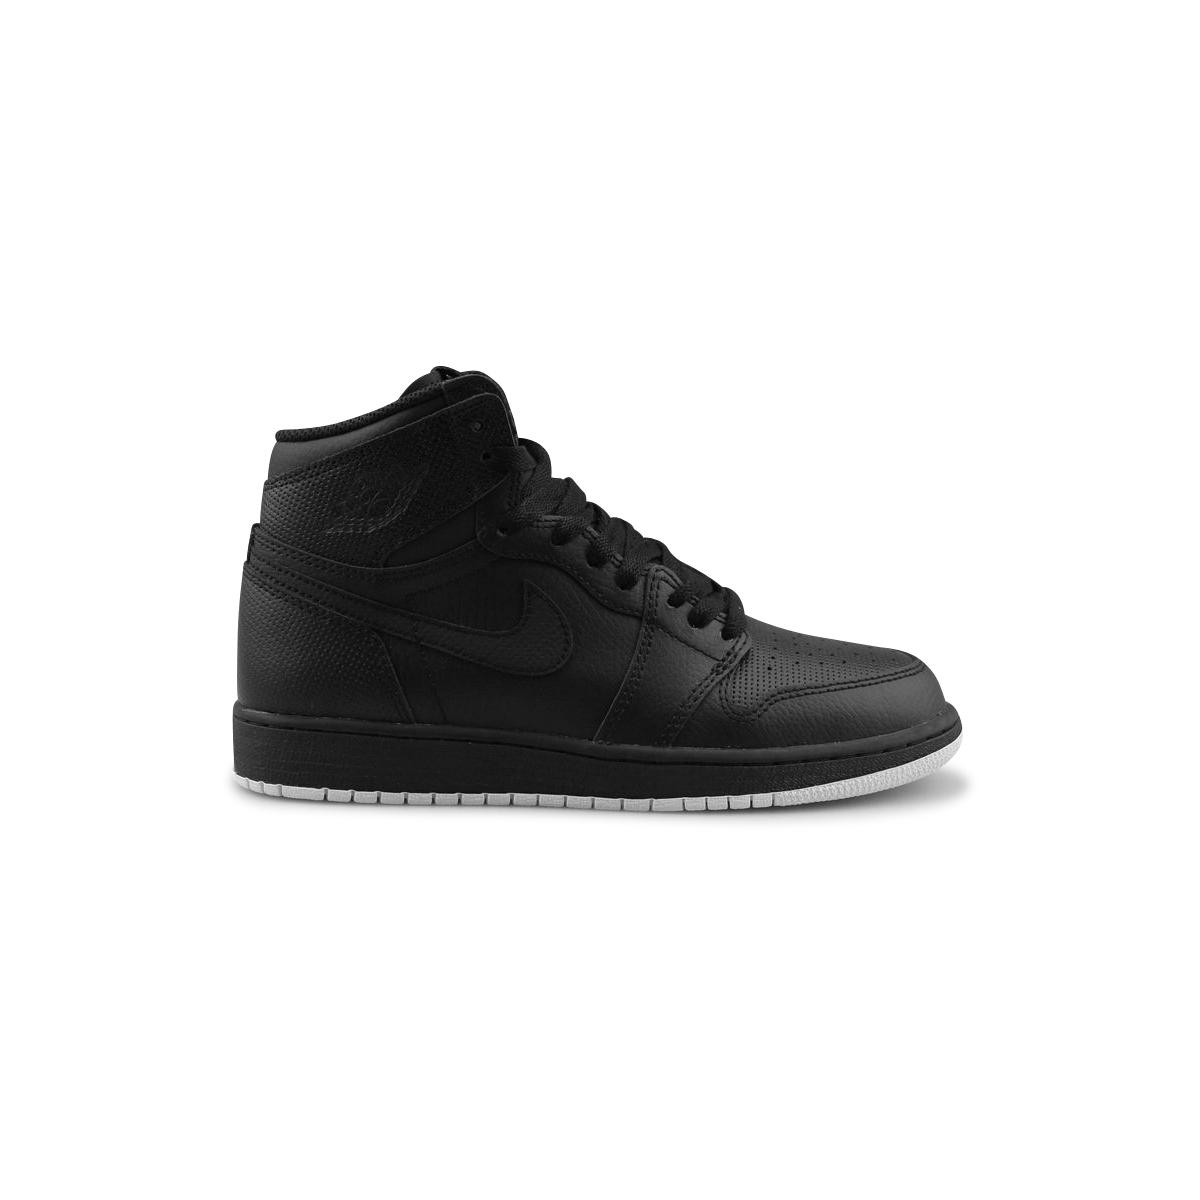 Basket Air Jordan 1 Retro High Og Junior Noir 575441-002 5Fus2